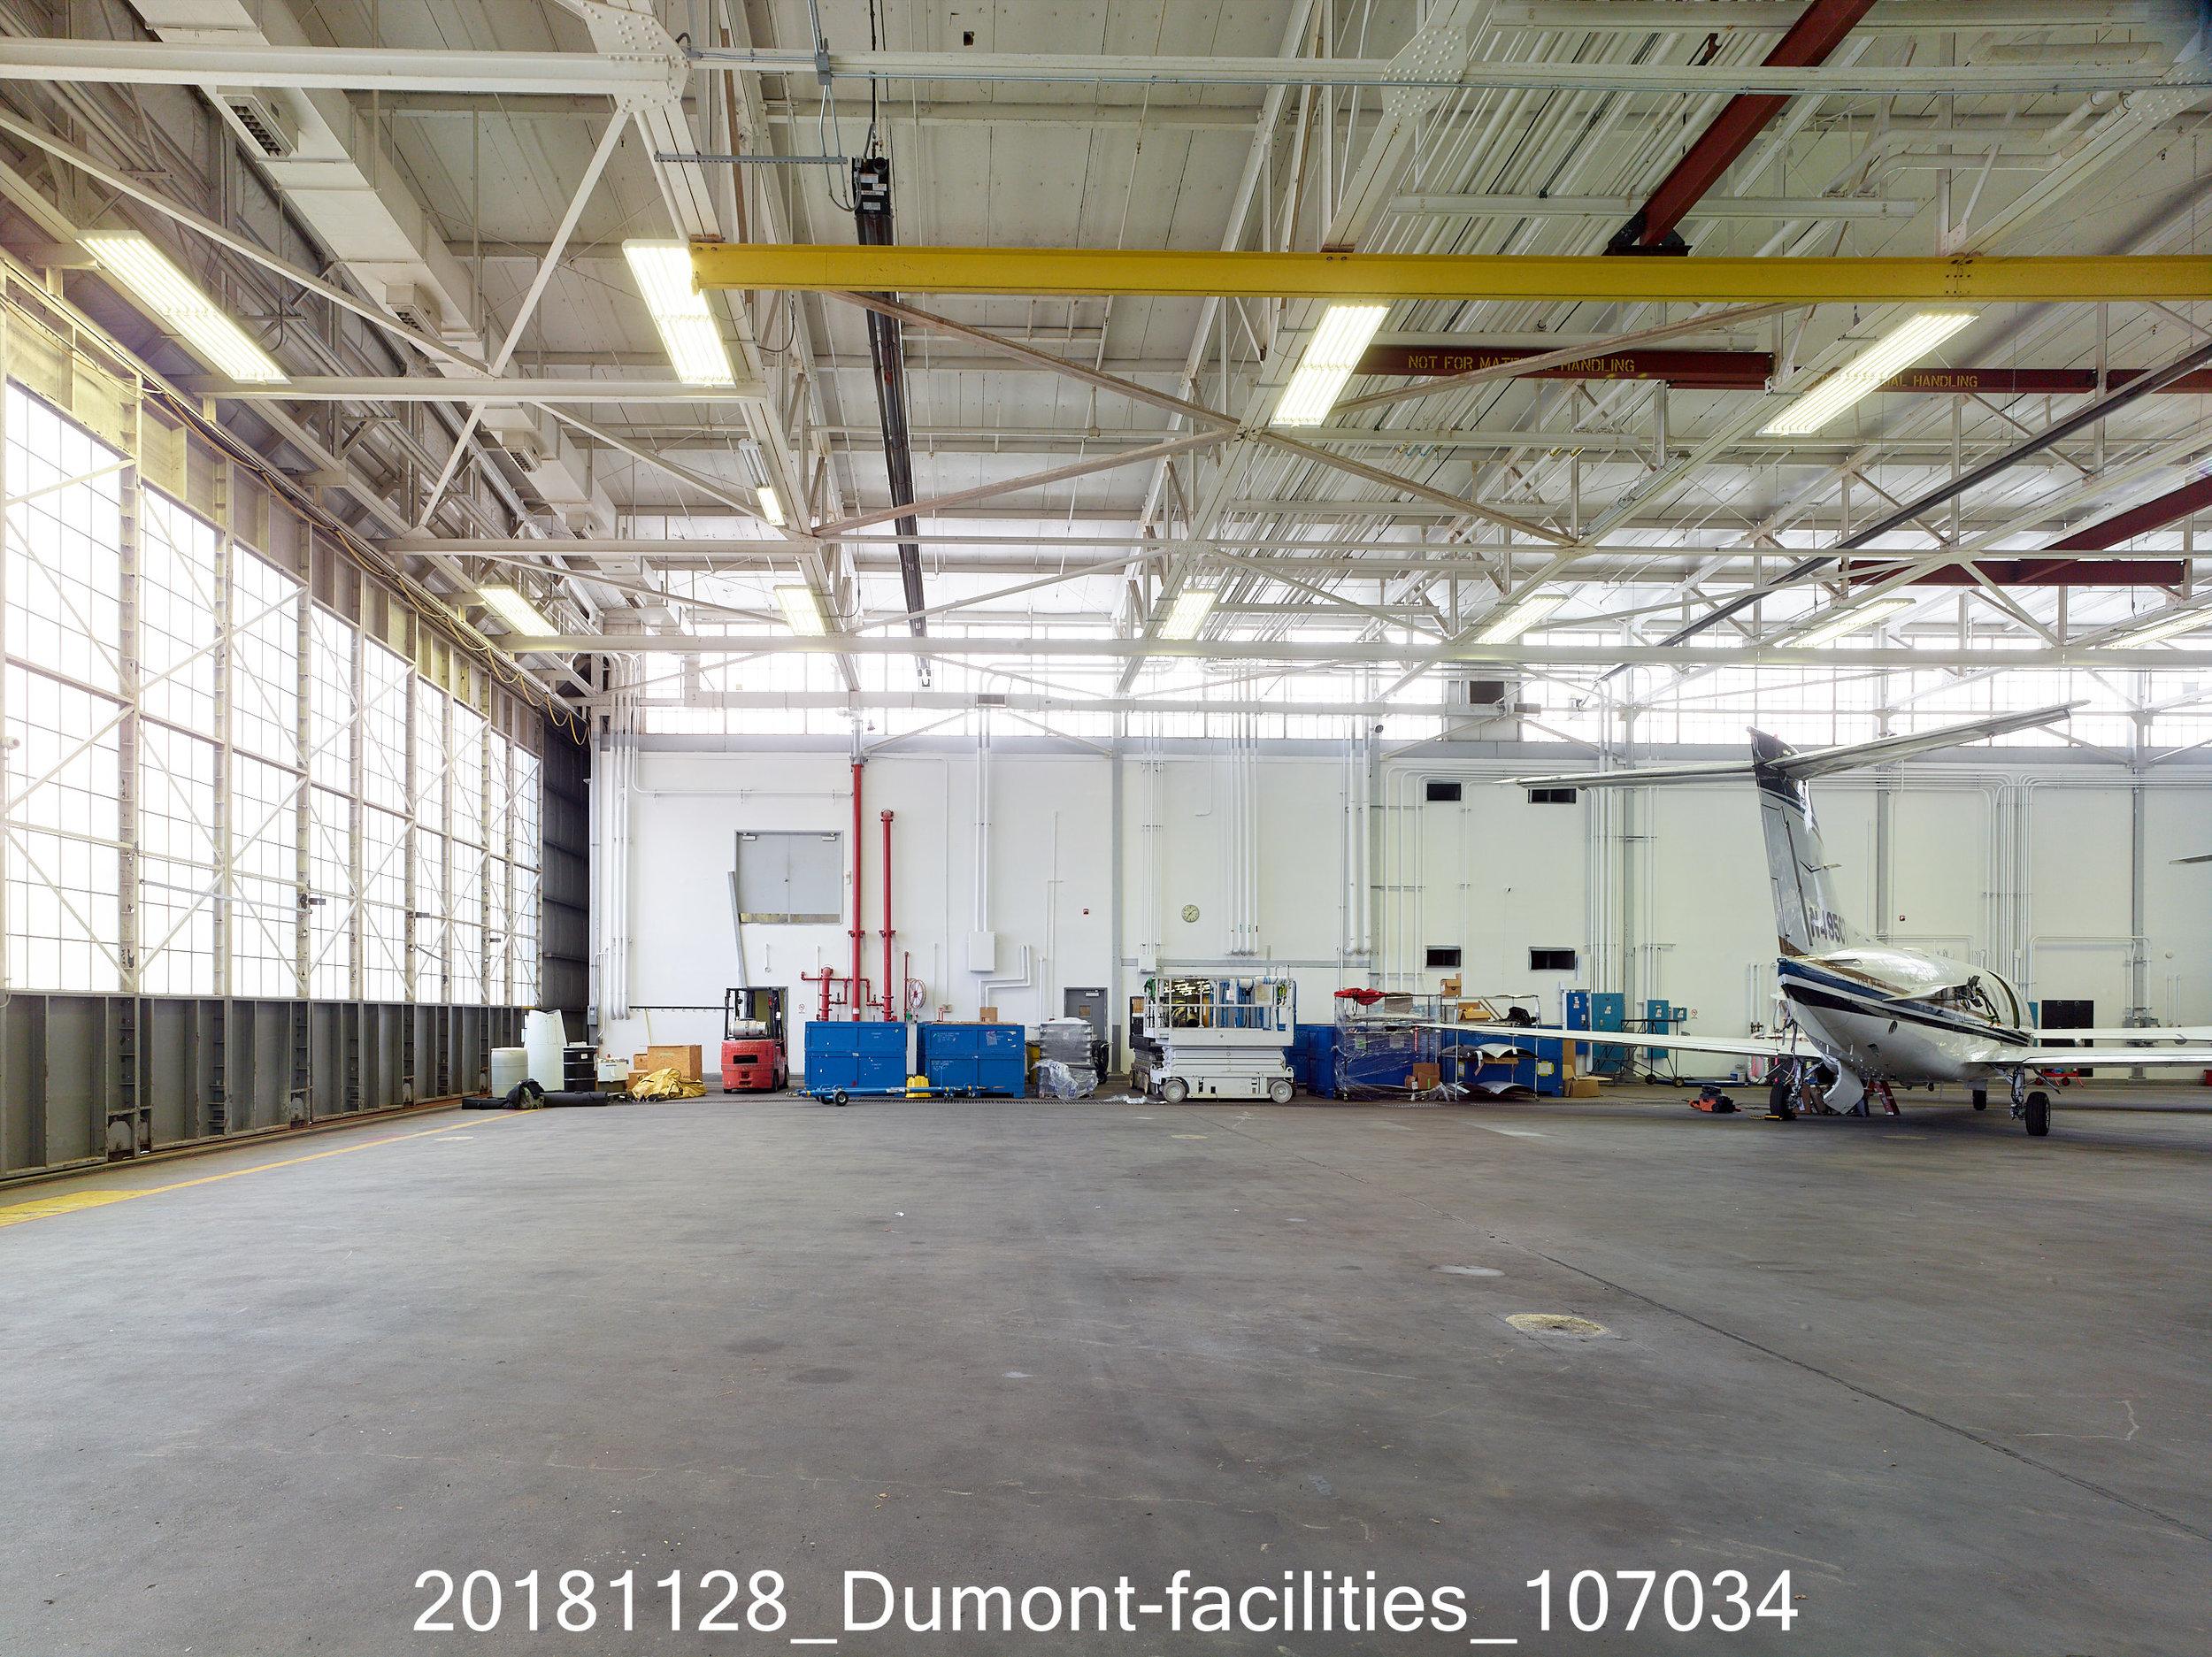 20181128_Dumont-facilities_107034.jpg